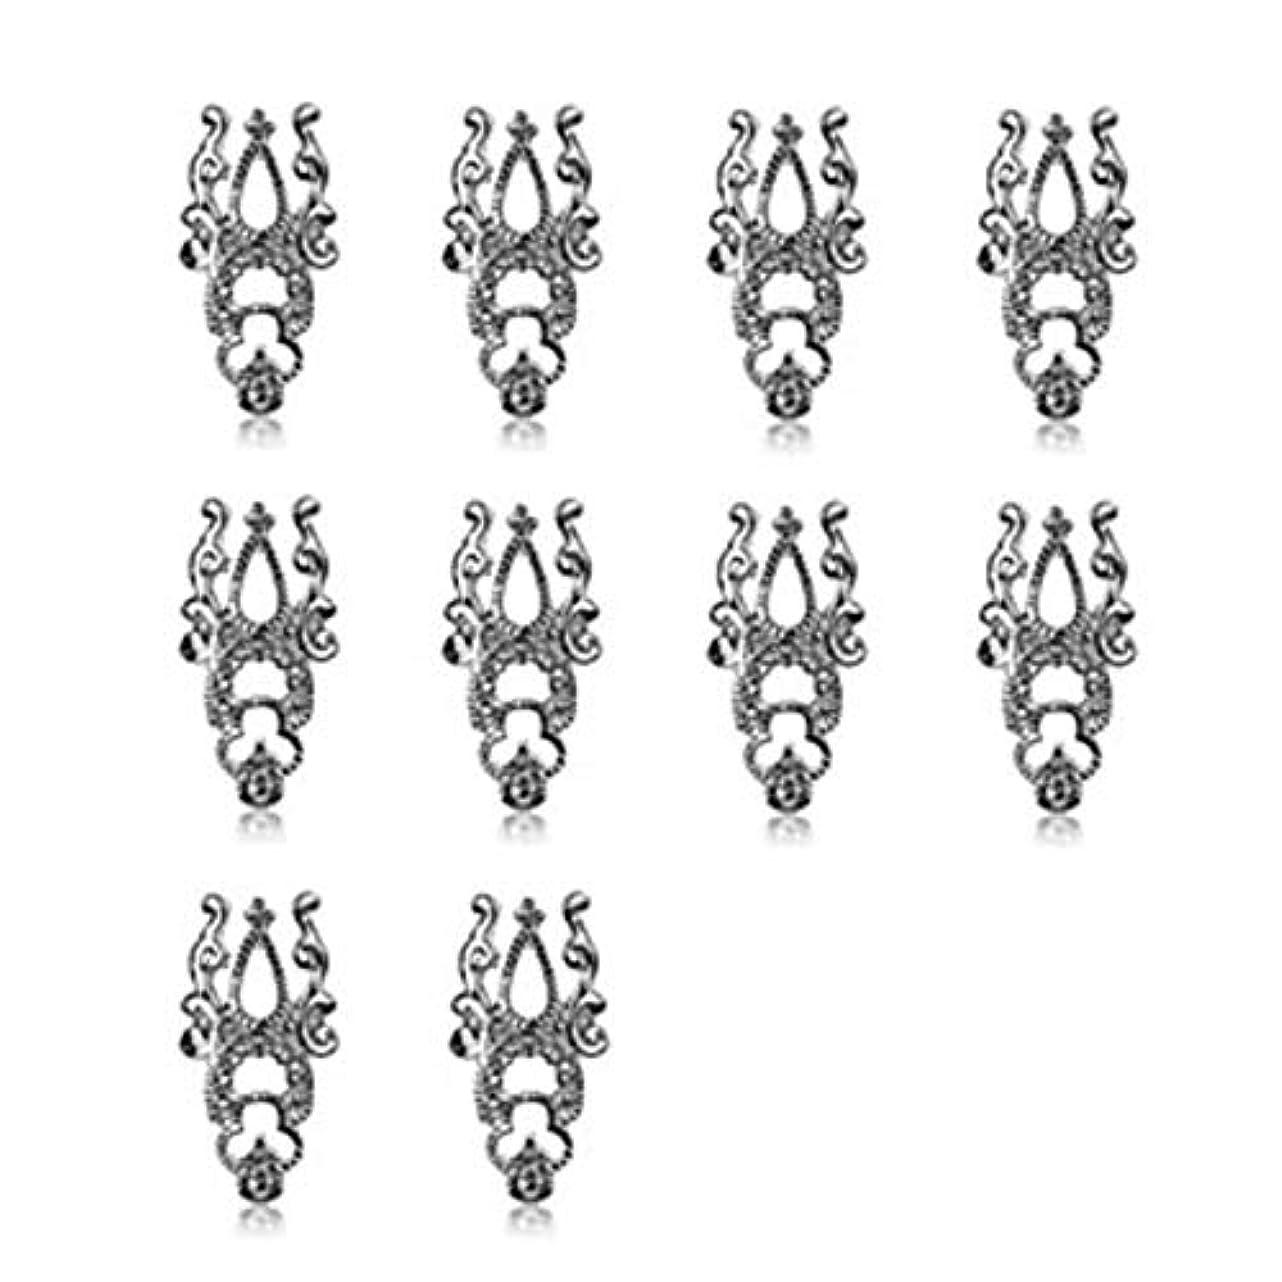 ピルマニュアル始める10ピース3d中空ネイルアート合金のヒント装飾ジュエリーキラキララインストーン,Silver